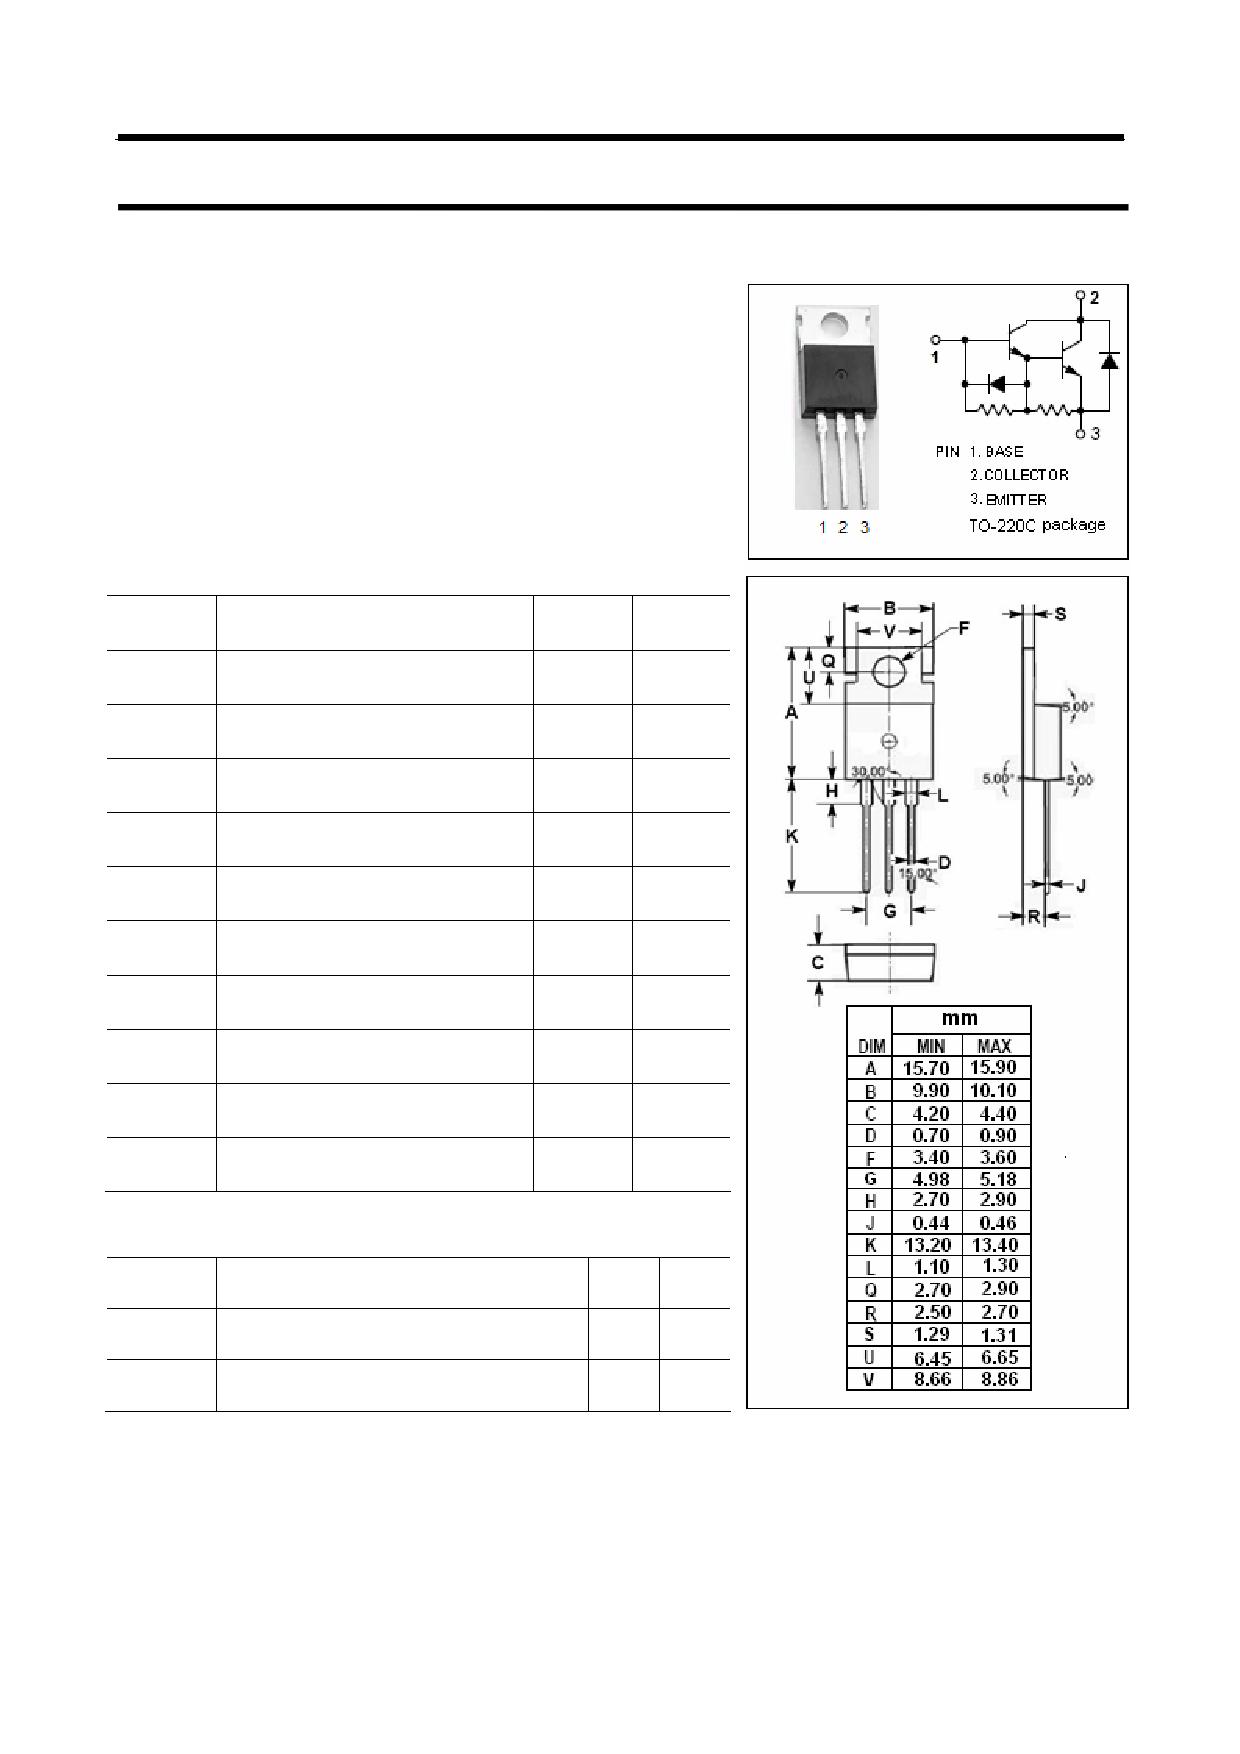 Bu806 datasheet